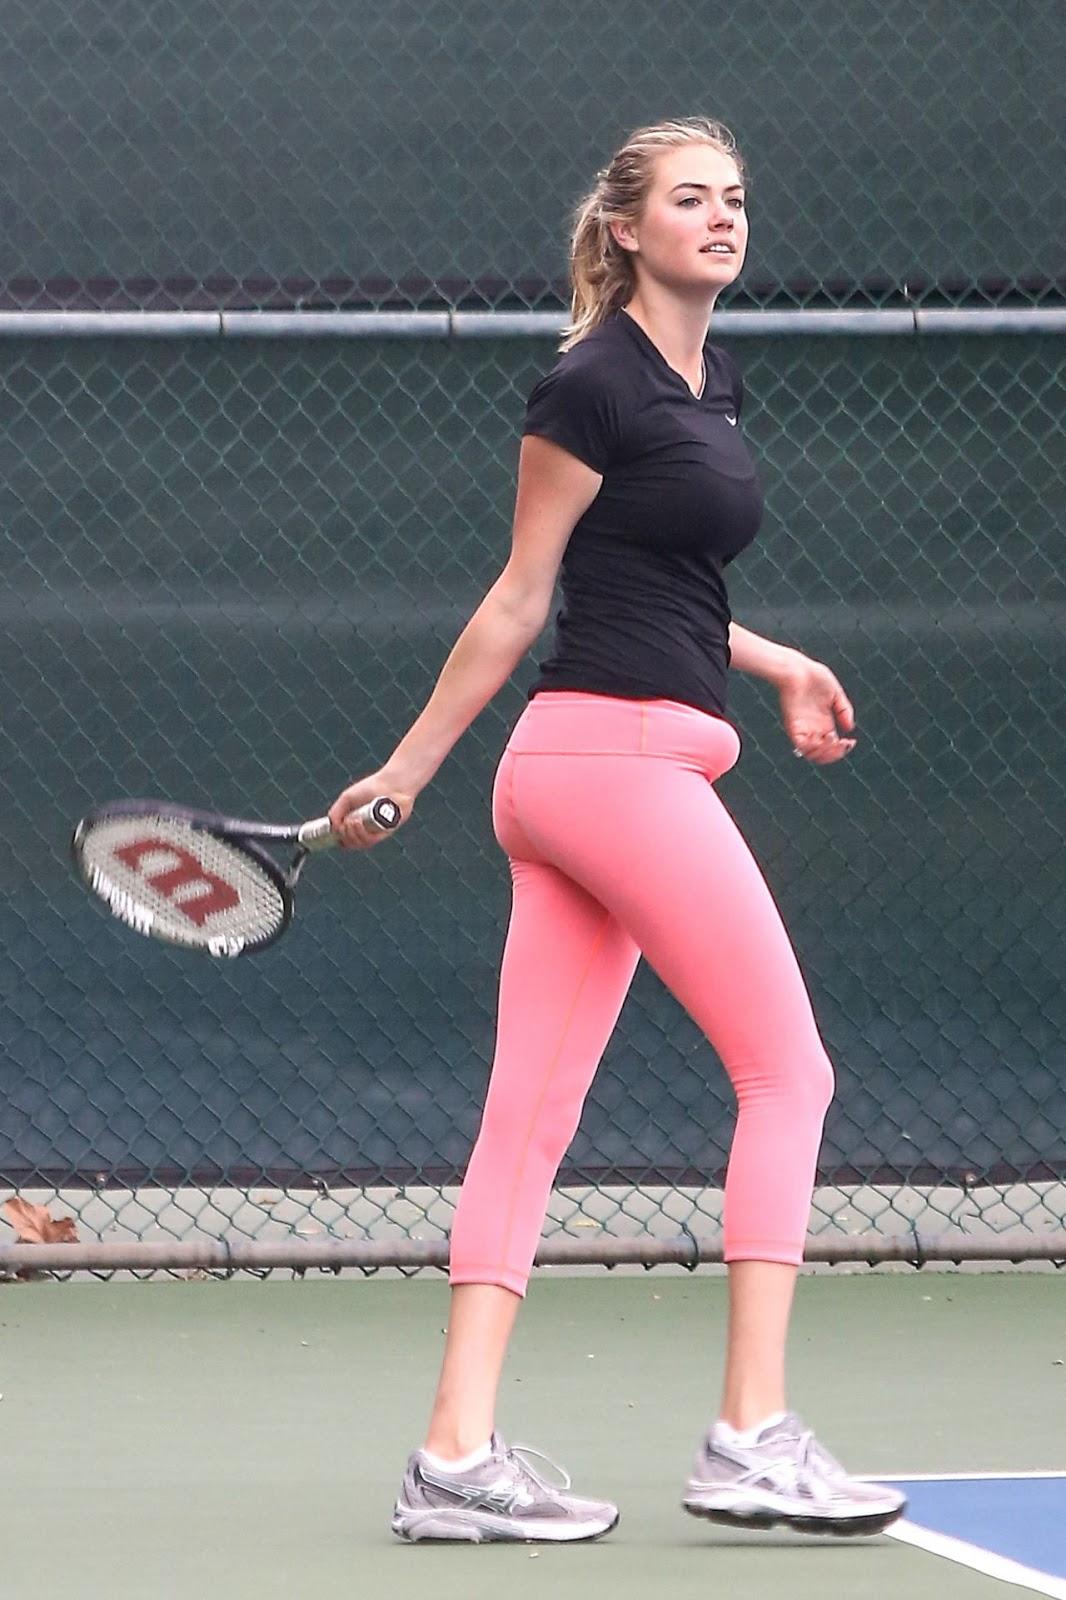 Kate Upton Hot Playing Tennis